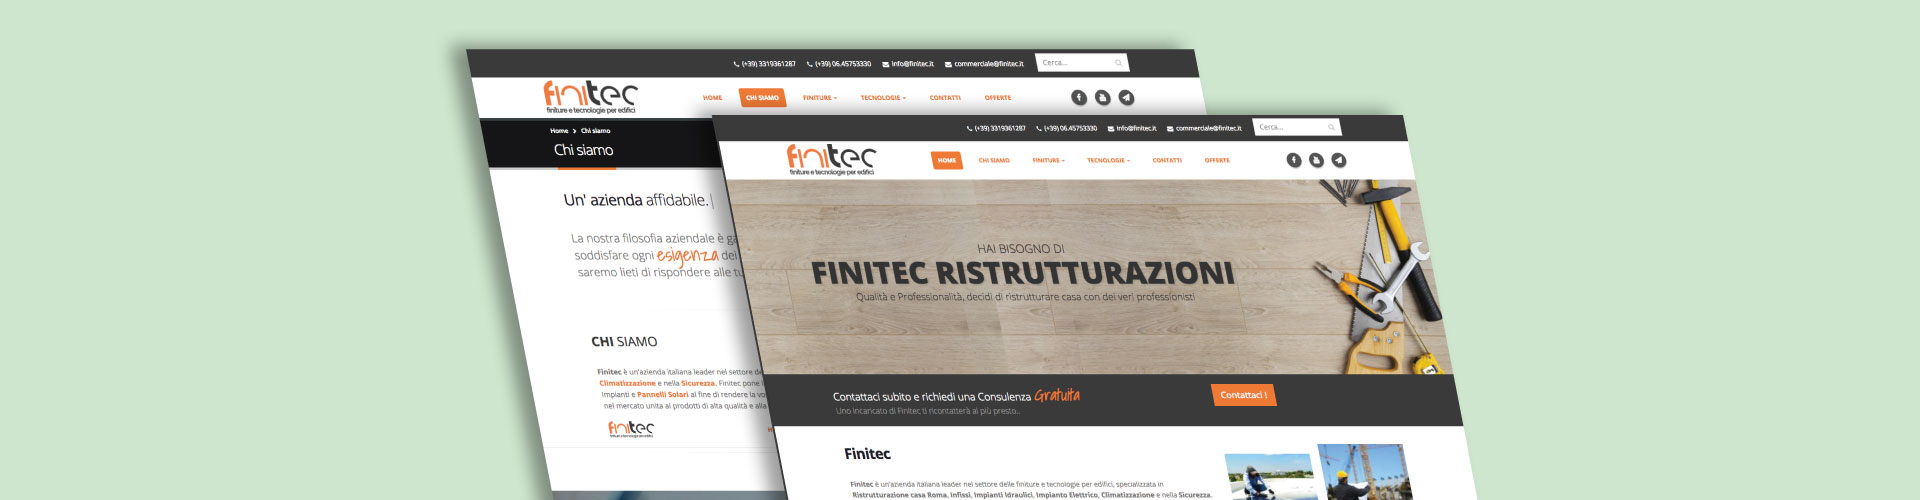 Web design sito finitec for Sito web design piano piano